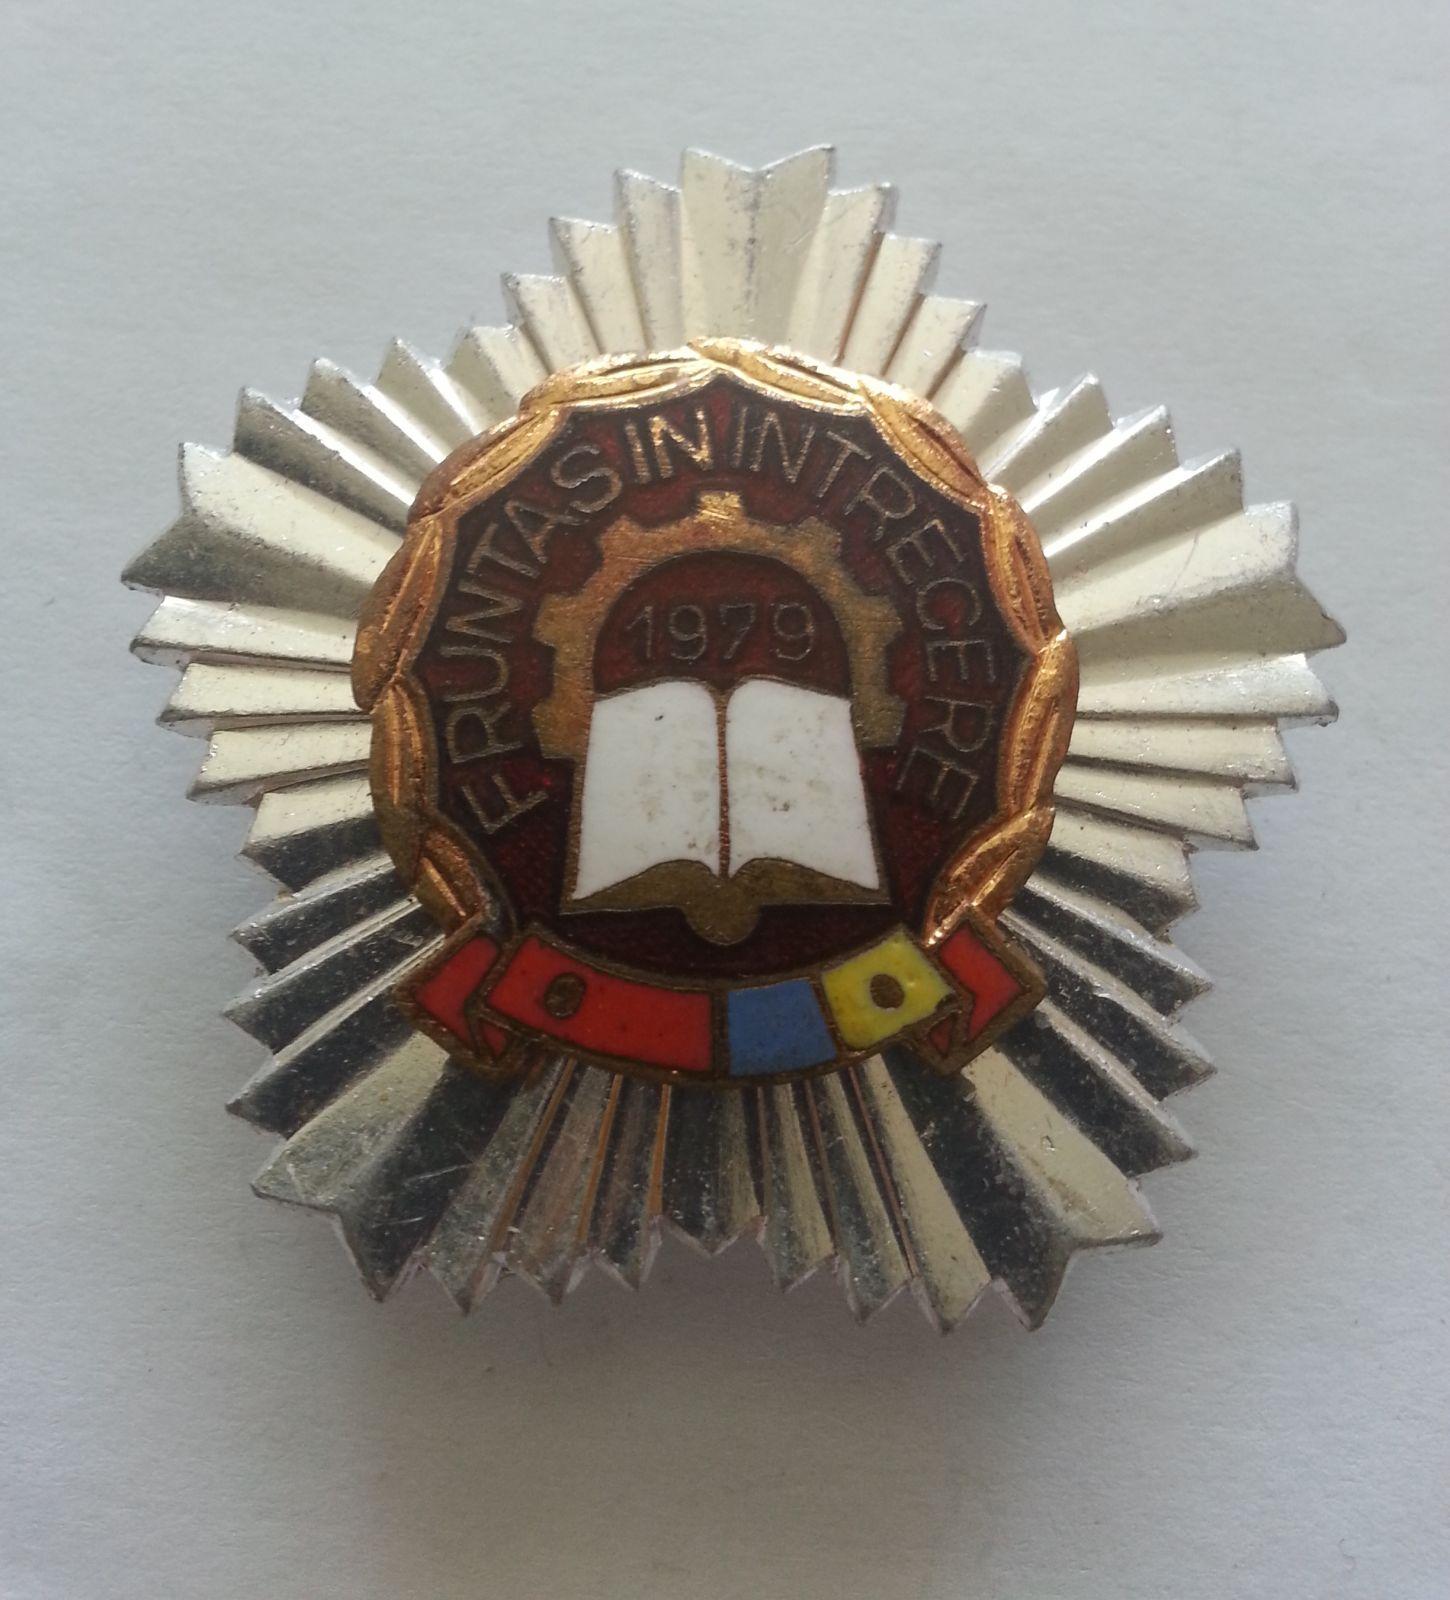 za rozvoj osvěty 1979, Rumunsko